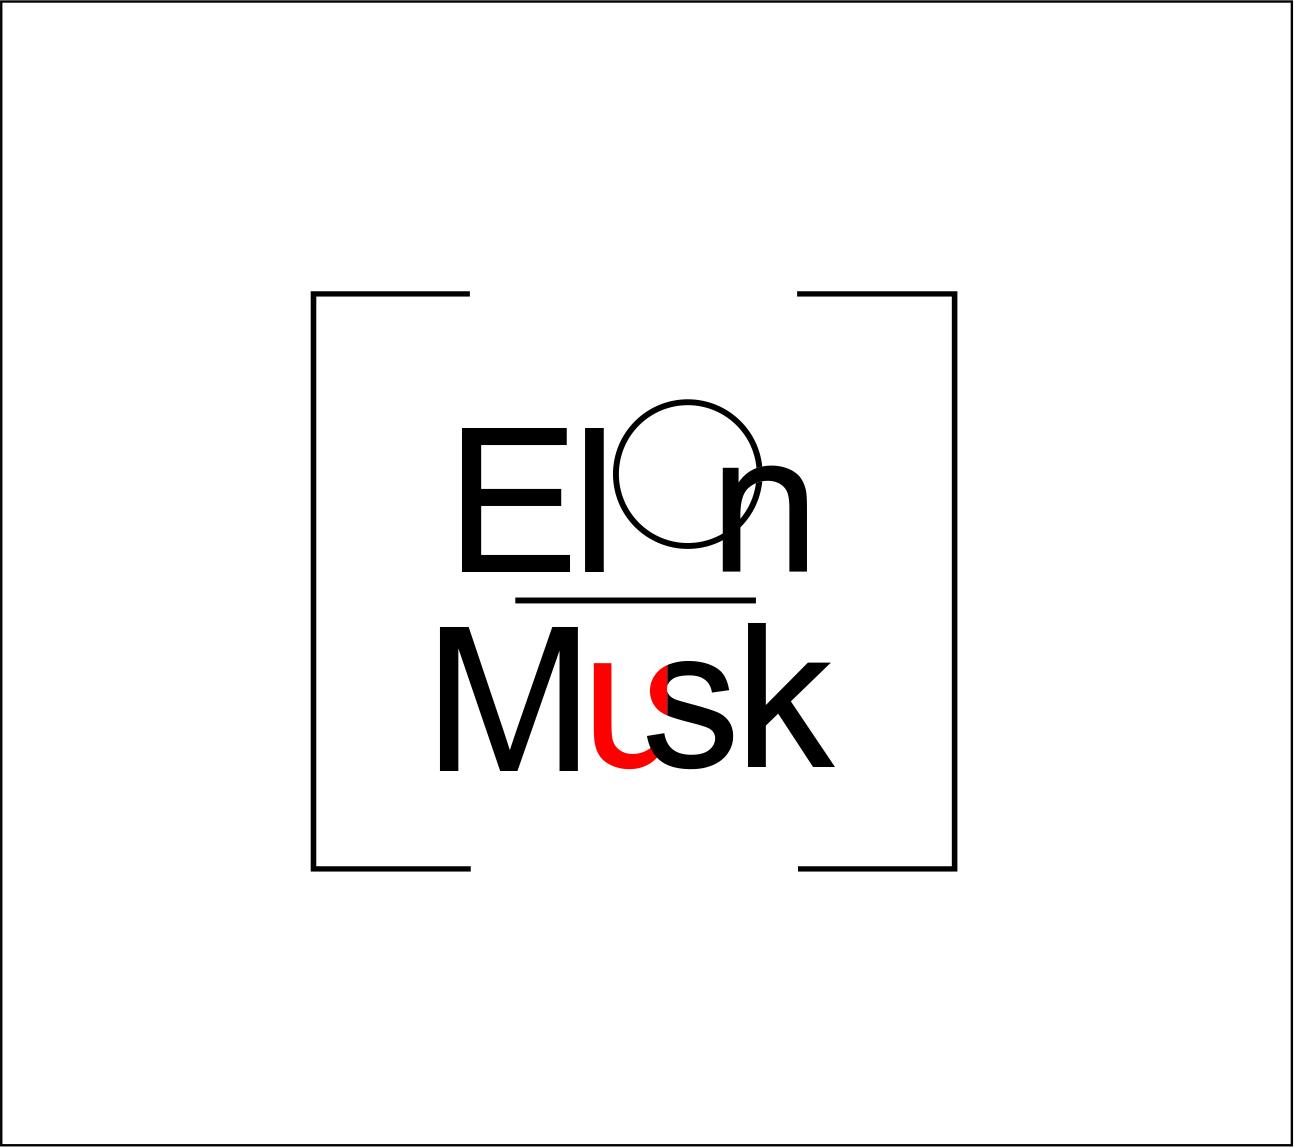 Логотип для новостного сайта  фото f_7765b6c35662ff8b.png